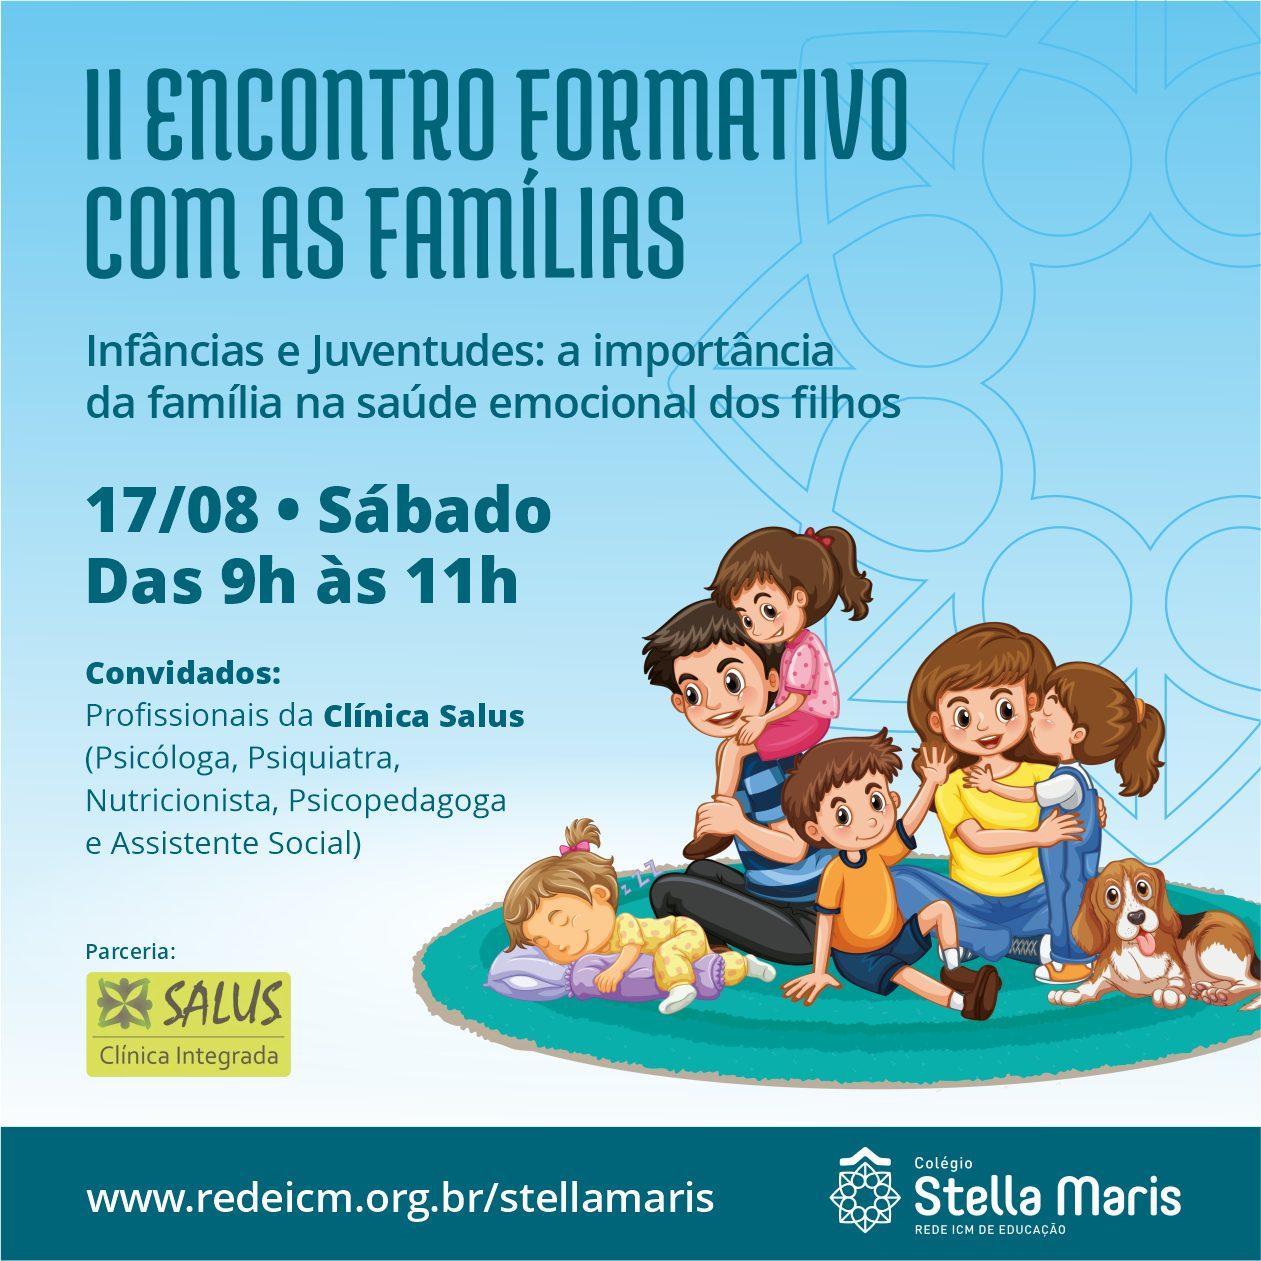 Convite: II Encontro Formativo com as Famílias